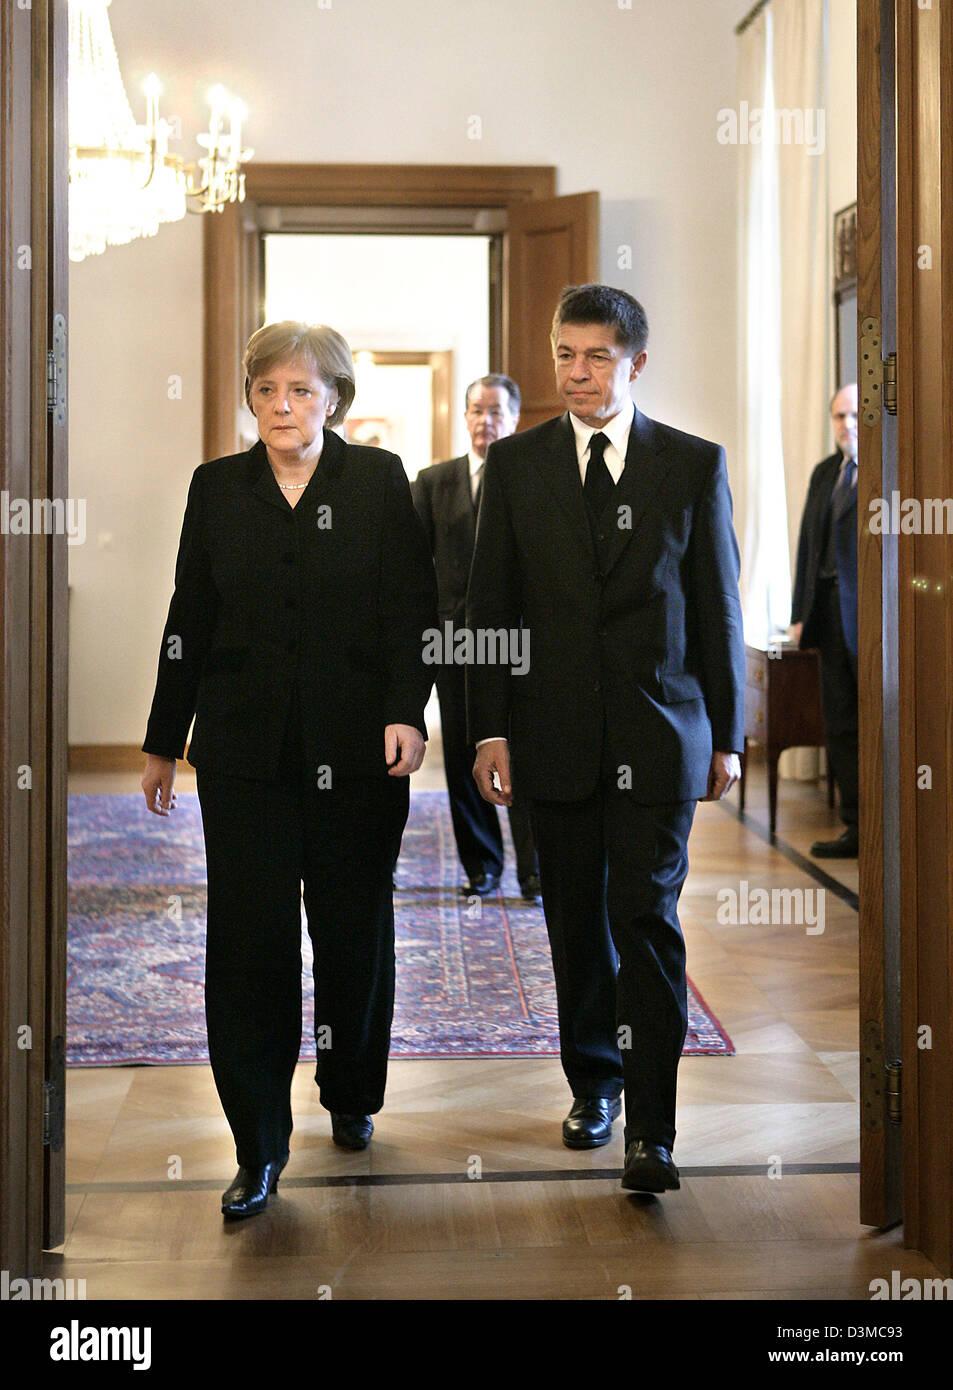 Bundeskanzlerin Angela Merkel und ihr Ehemann Joachim Sauer ankommen ...